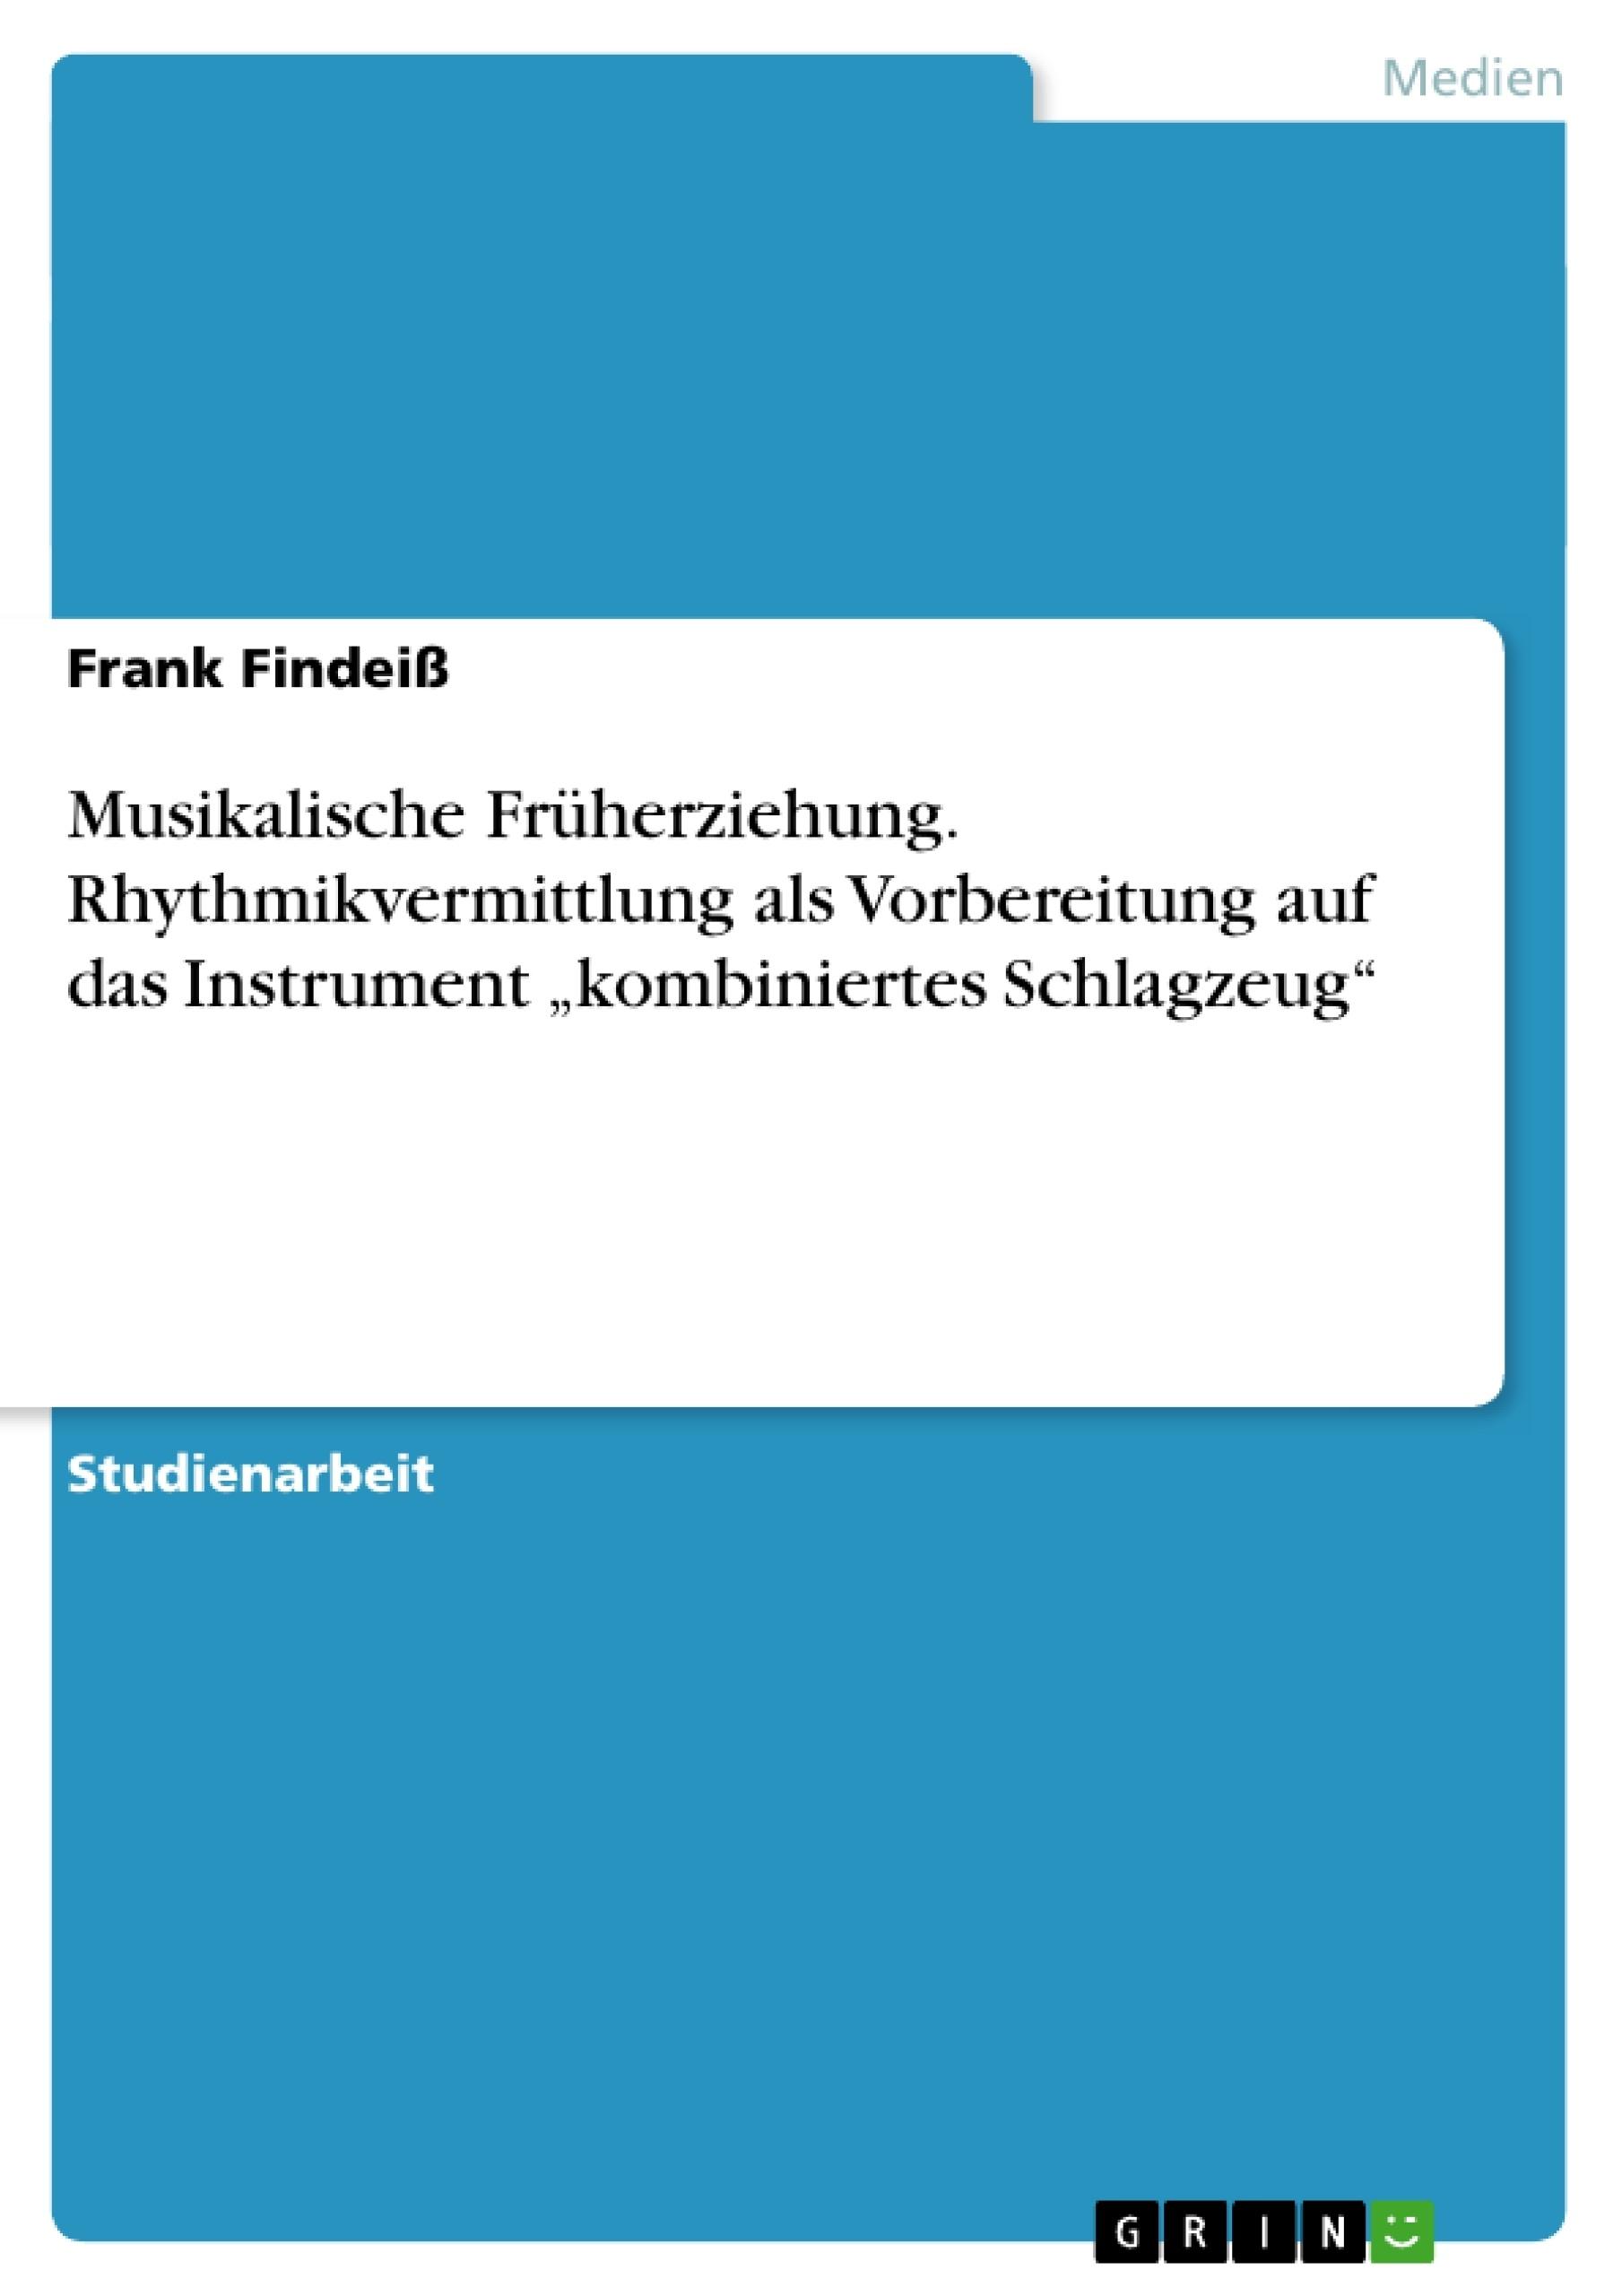 """Titel: Musikalische Früherziehung. Rhythmikvermittlung als Vorbereitung auf das Instrument """"kombiniertes Schlagzeug"""""""